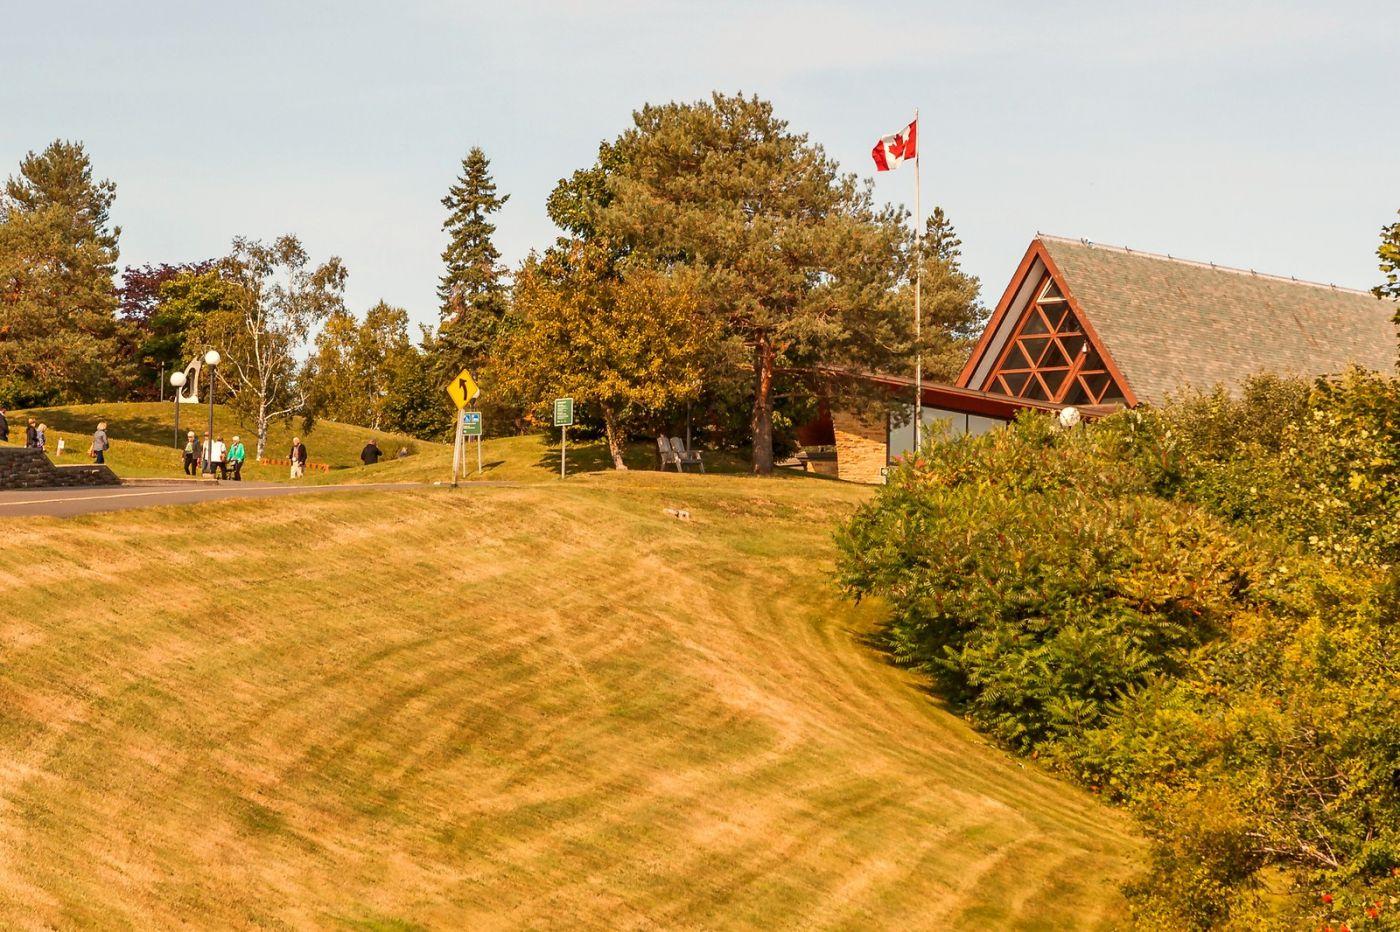 加拿大Nova Scotia, 帆船灯塔老鹰_图1-23